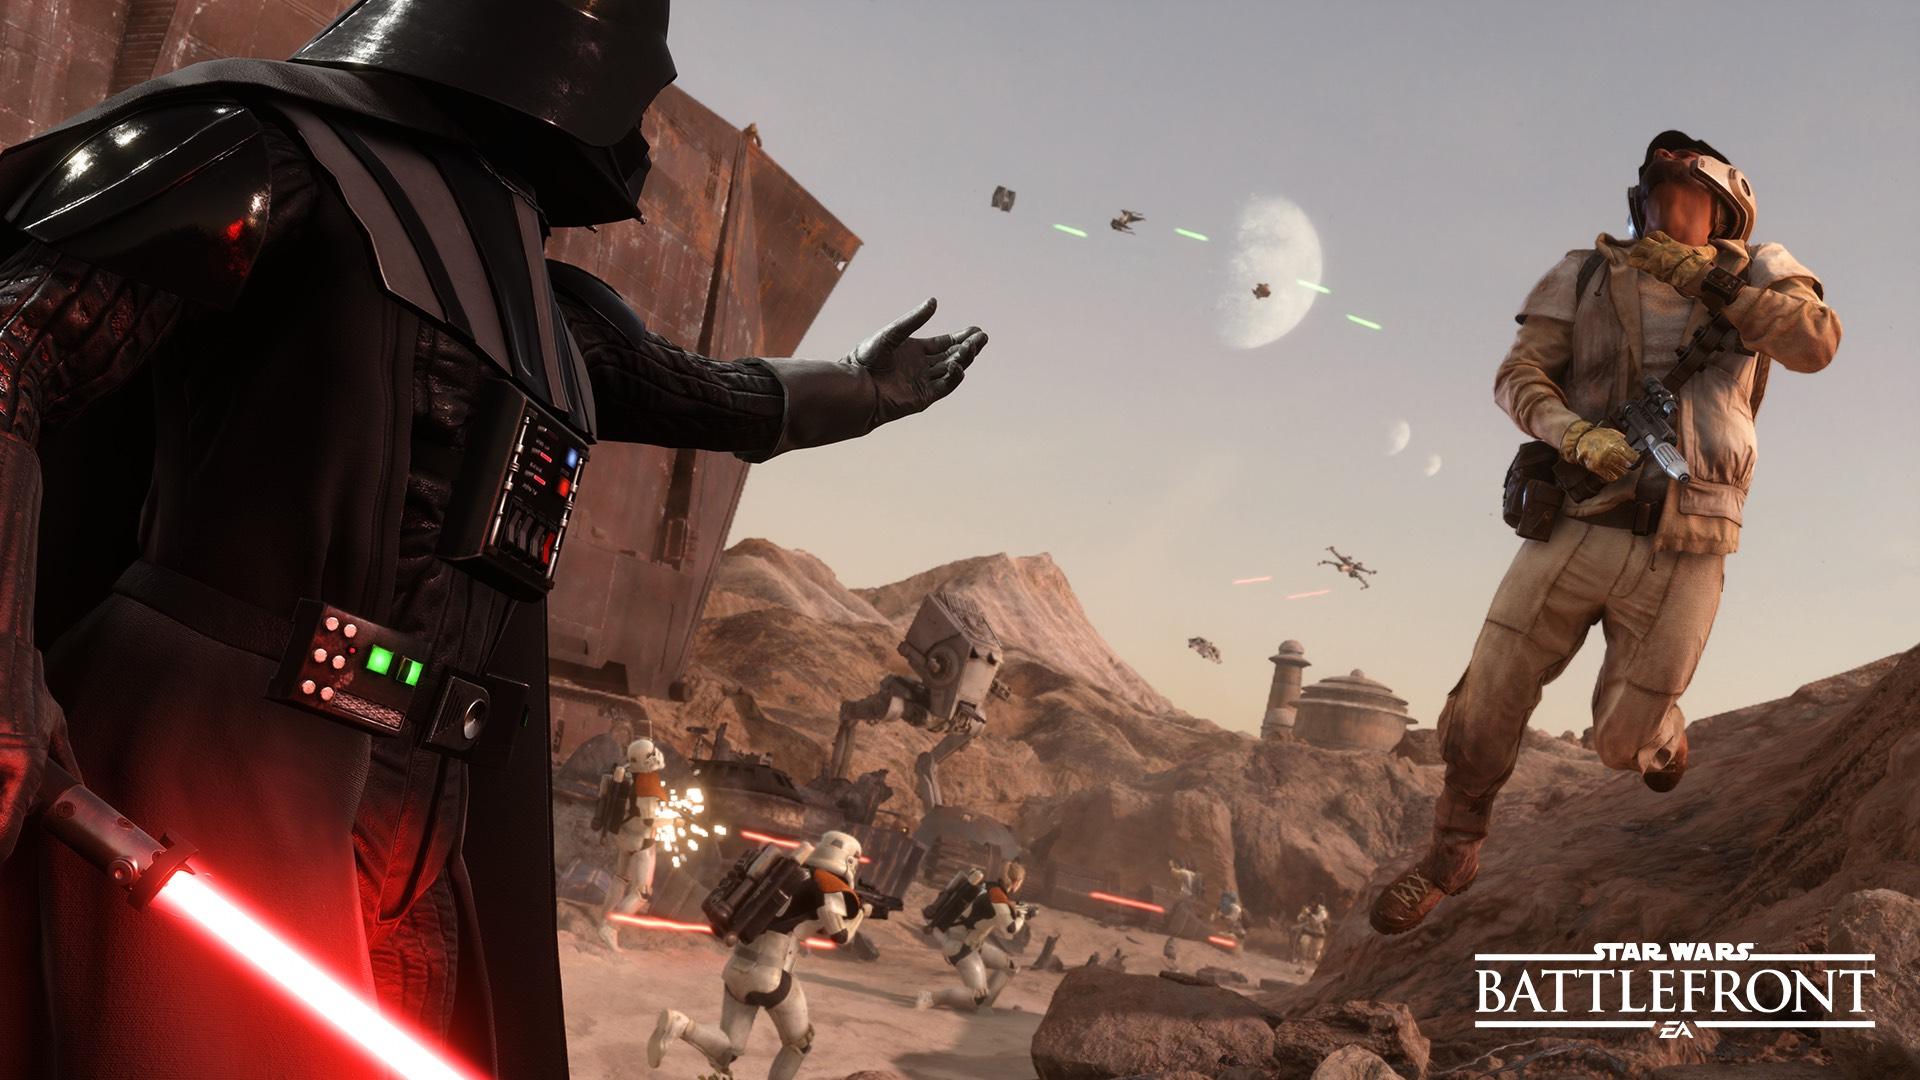 Offline Skirmish Mode Comes To Star Wars Battlefront